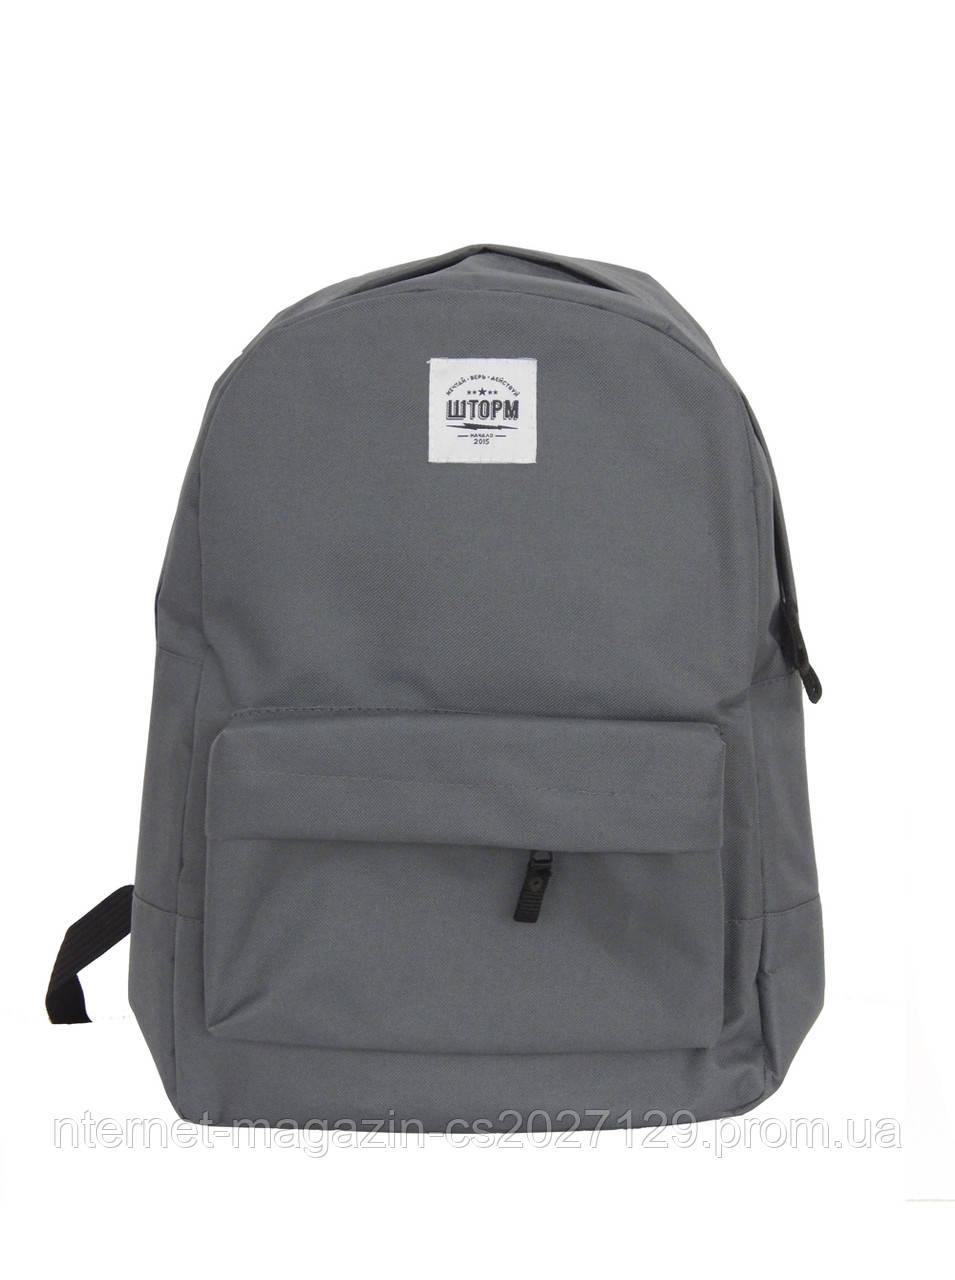 """Удобный качественный рюкзак """"Шторм Классик Серый"""""""